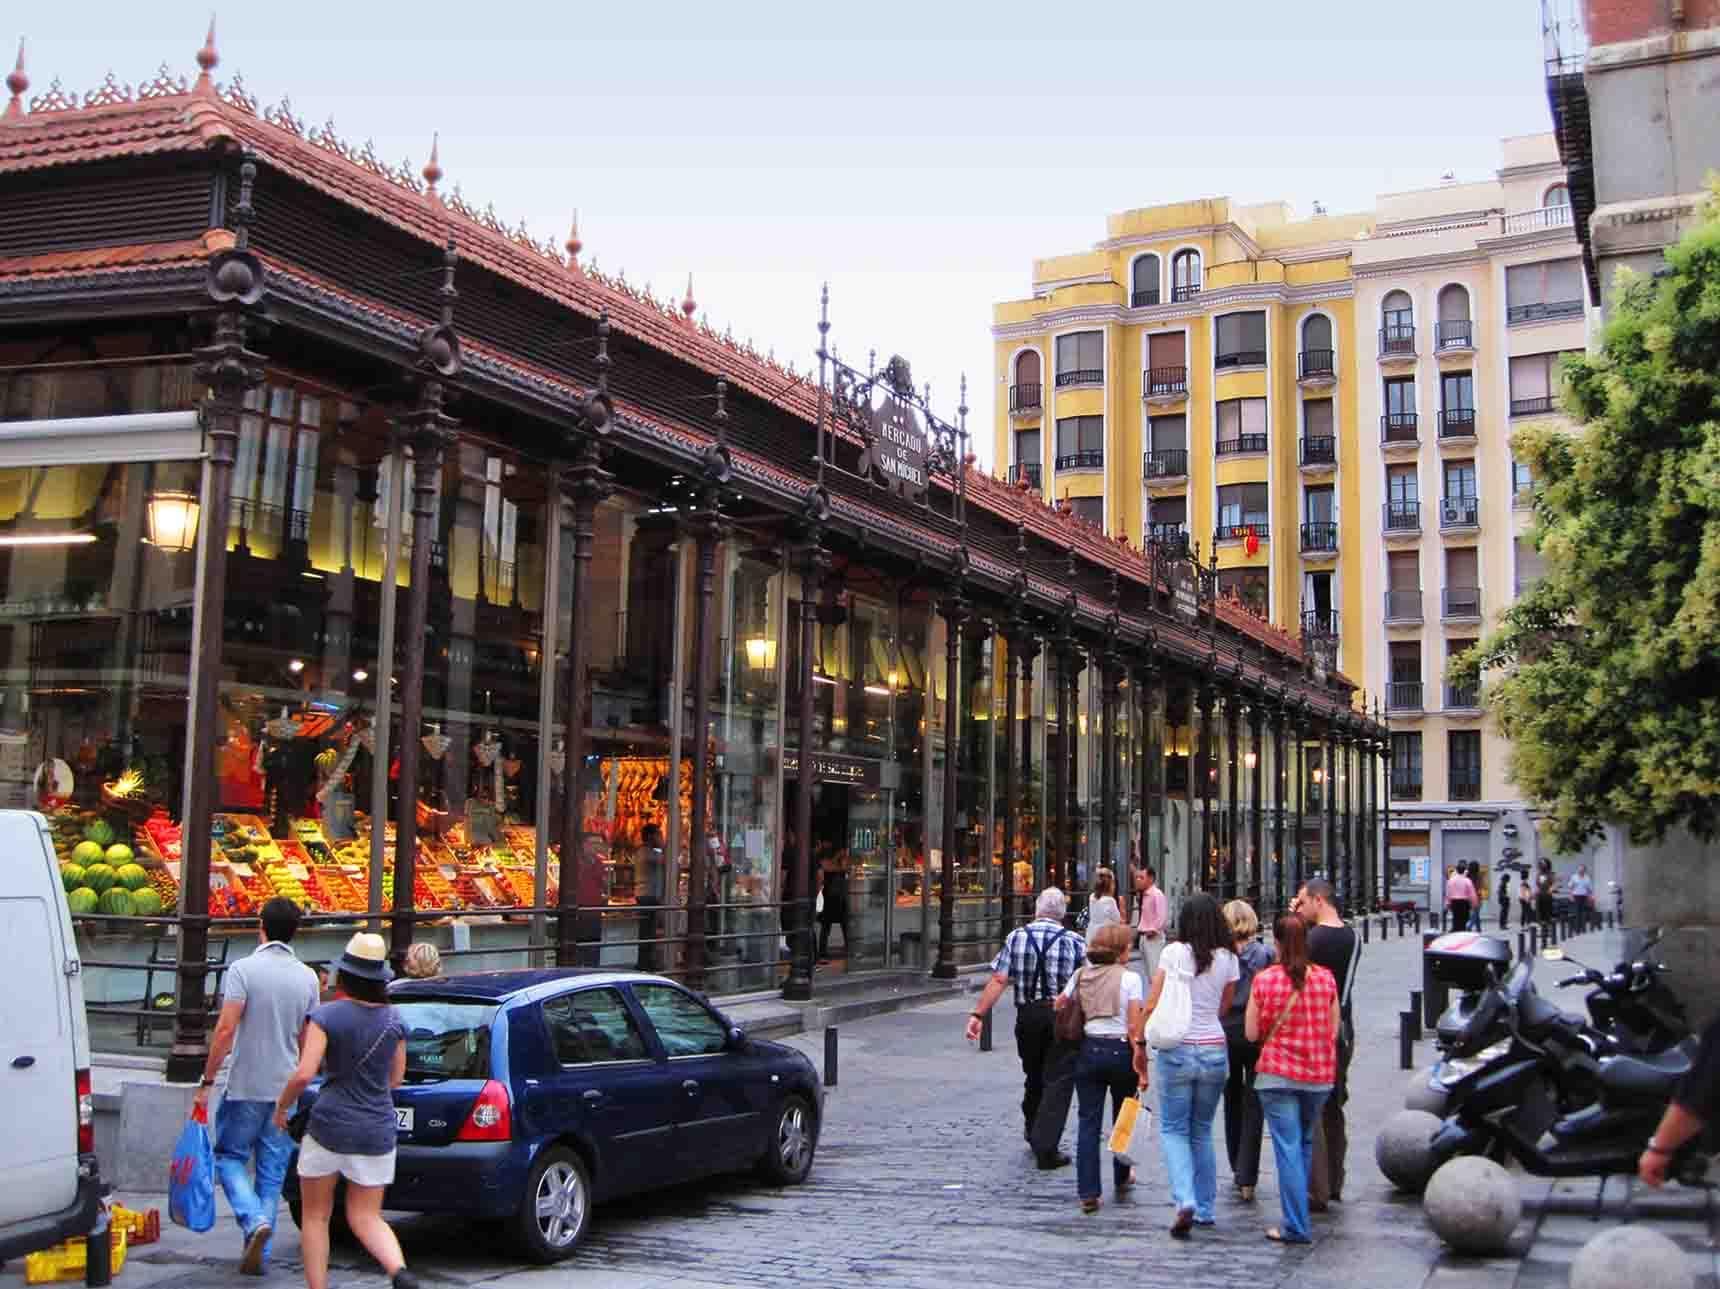 Mercado de san miguel near plaza mayor madrid - Mercado de navidad en madrid ...